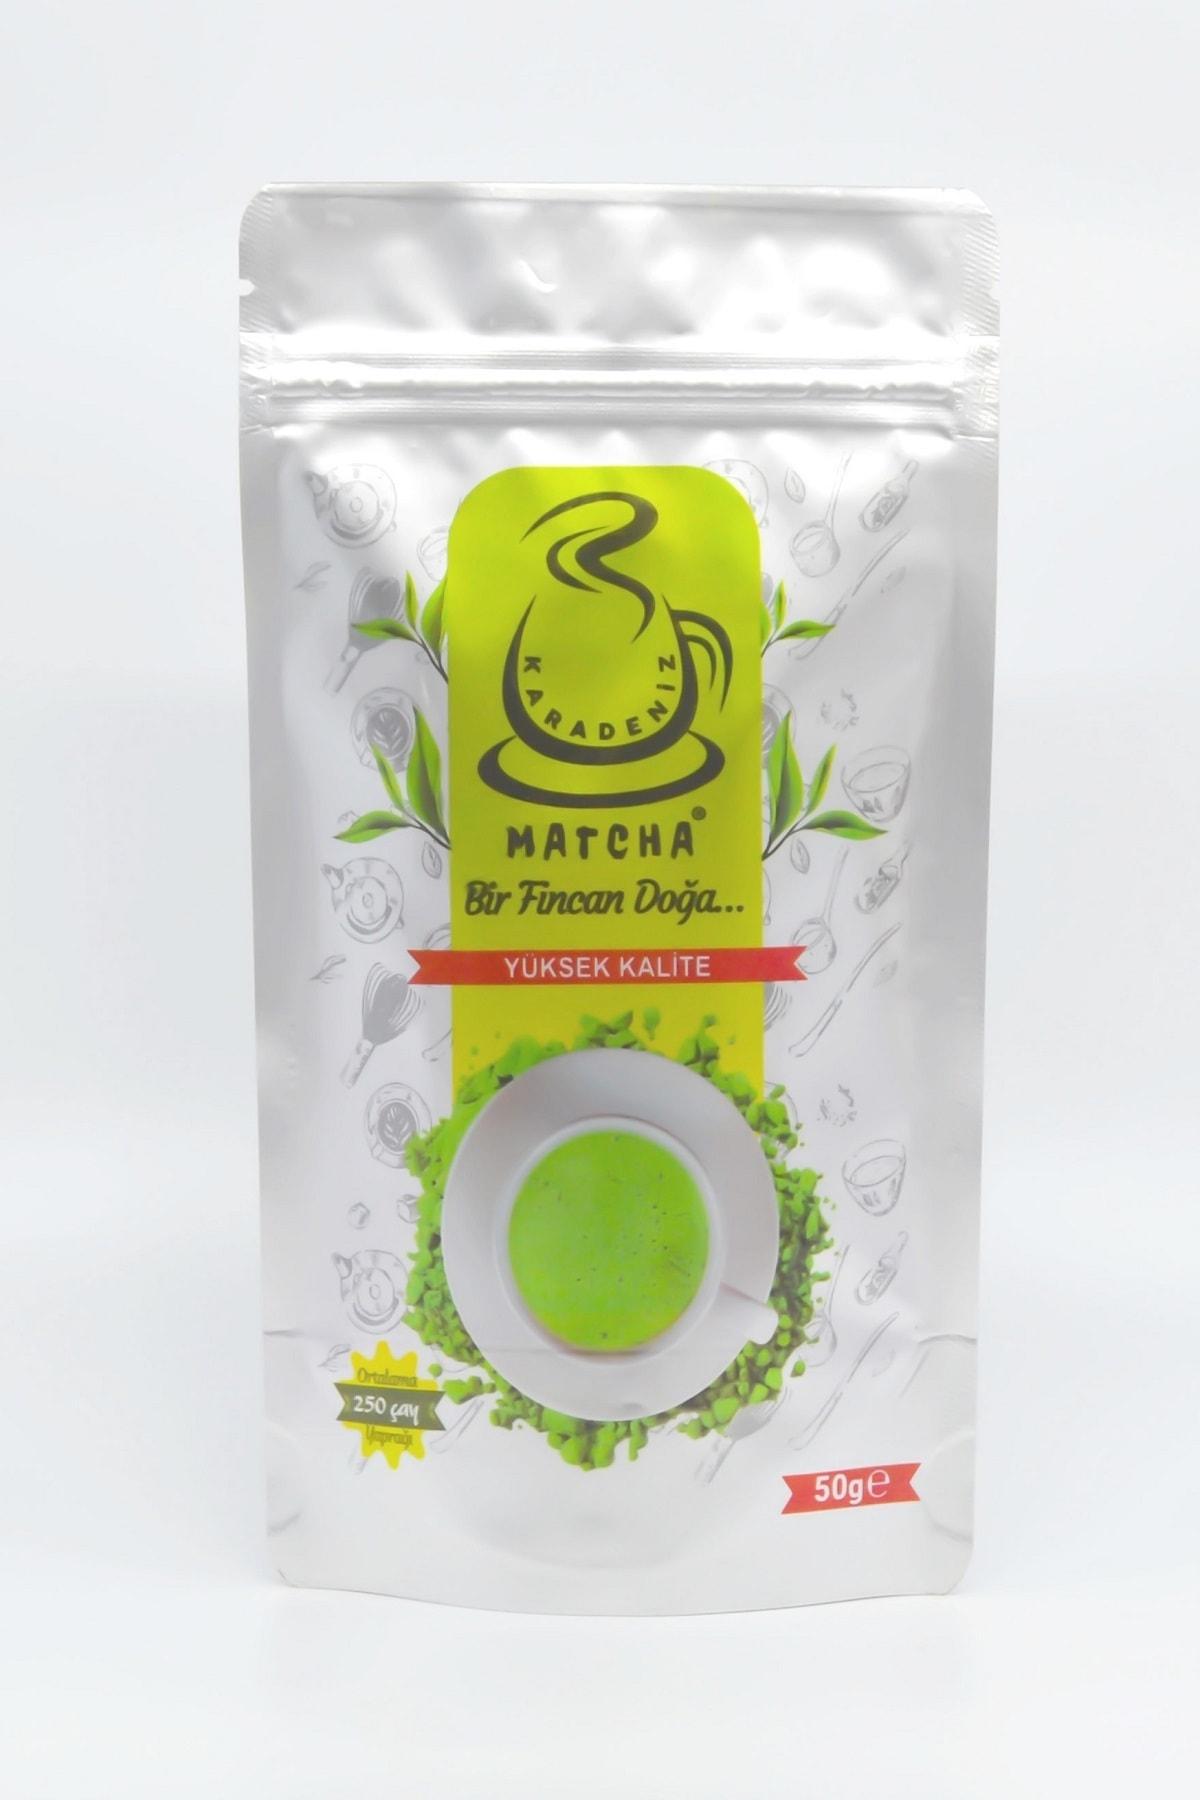 Karadeniz Matcha Yüksek Kalite 50 Gram (%100 Saf Matcha Çayı ) 2